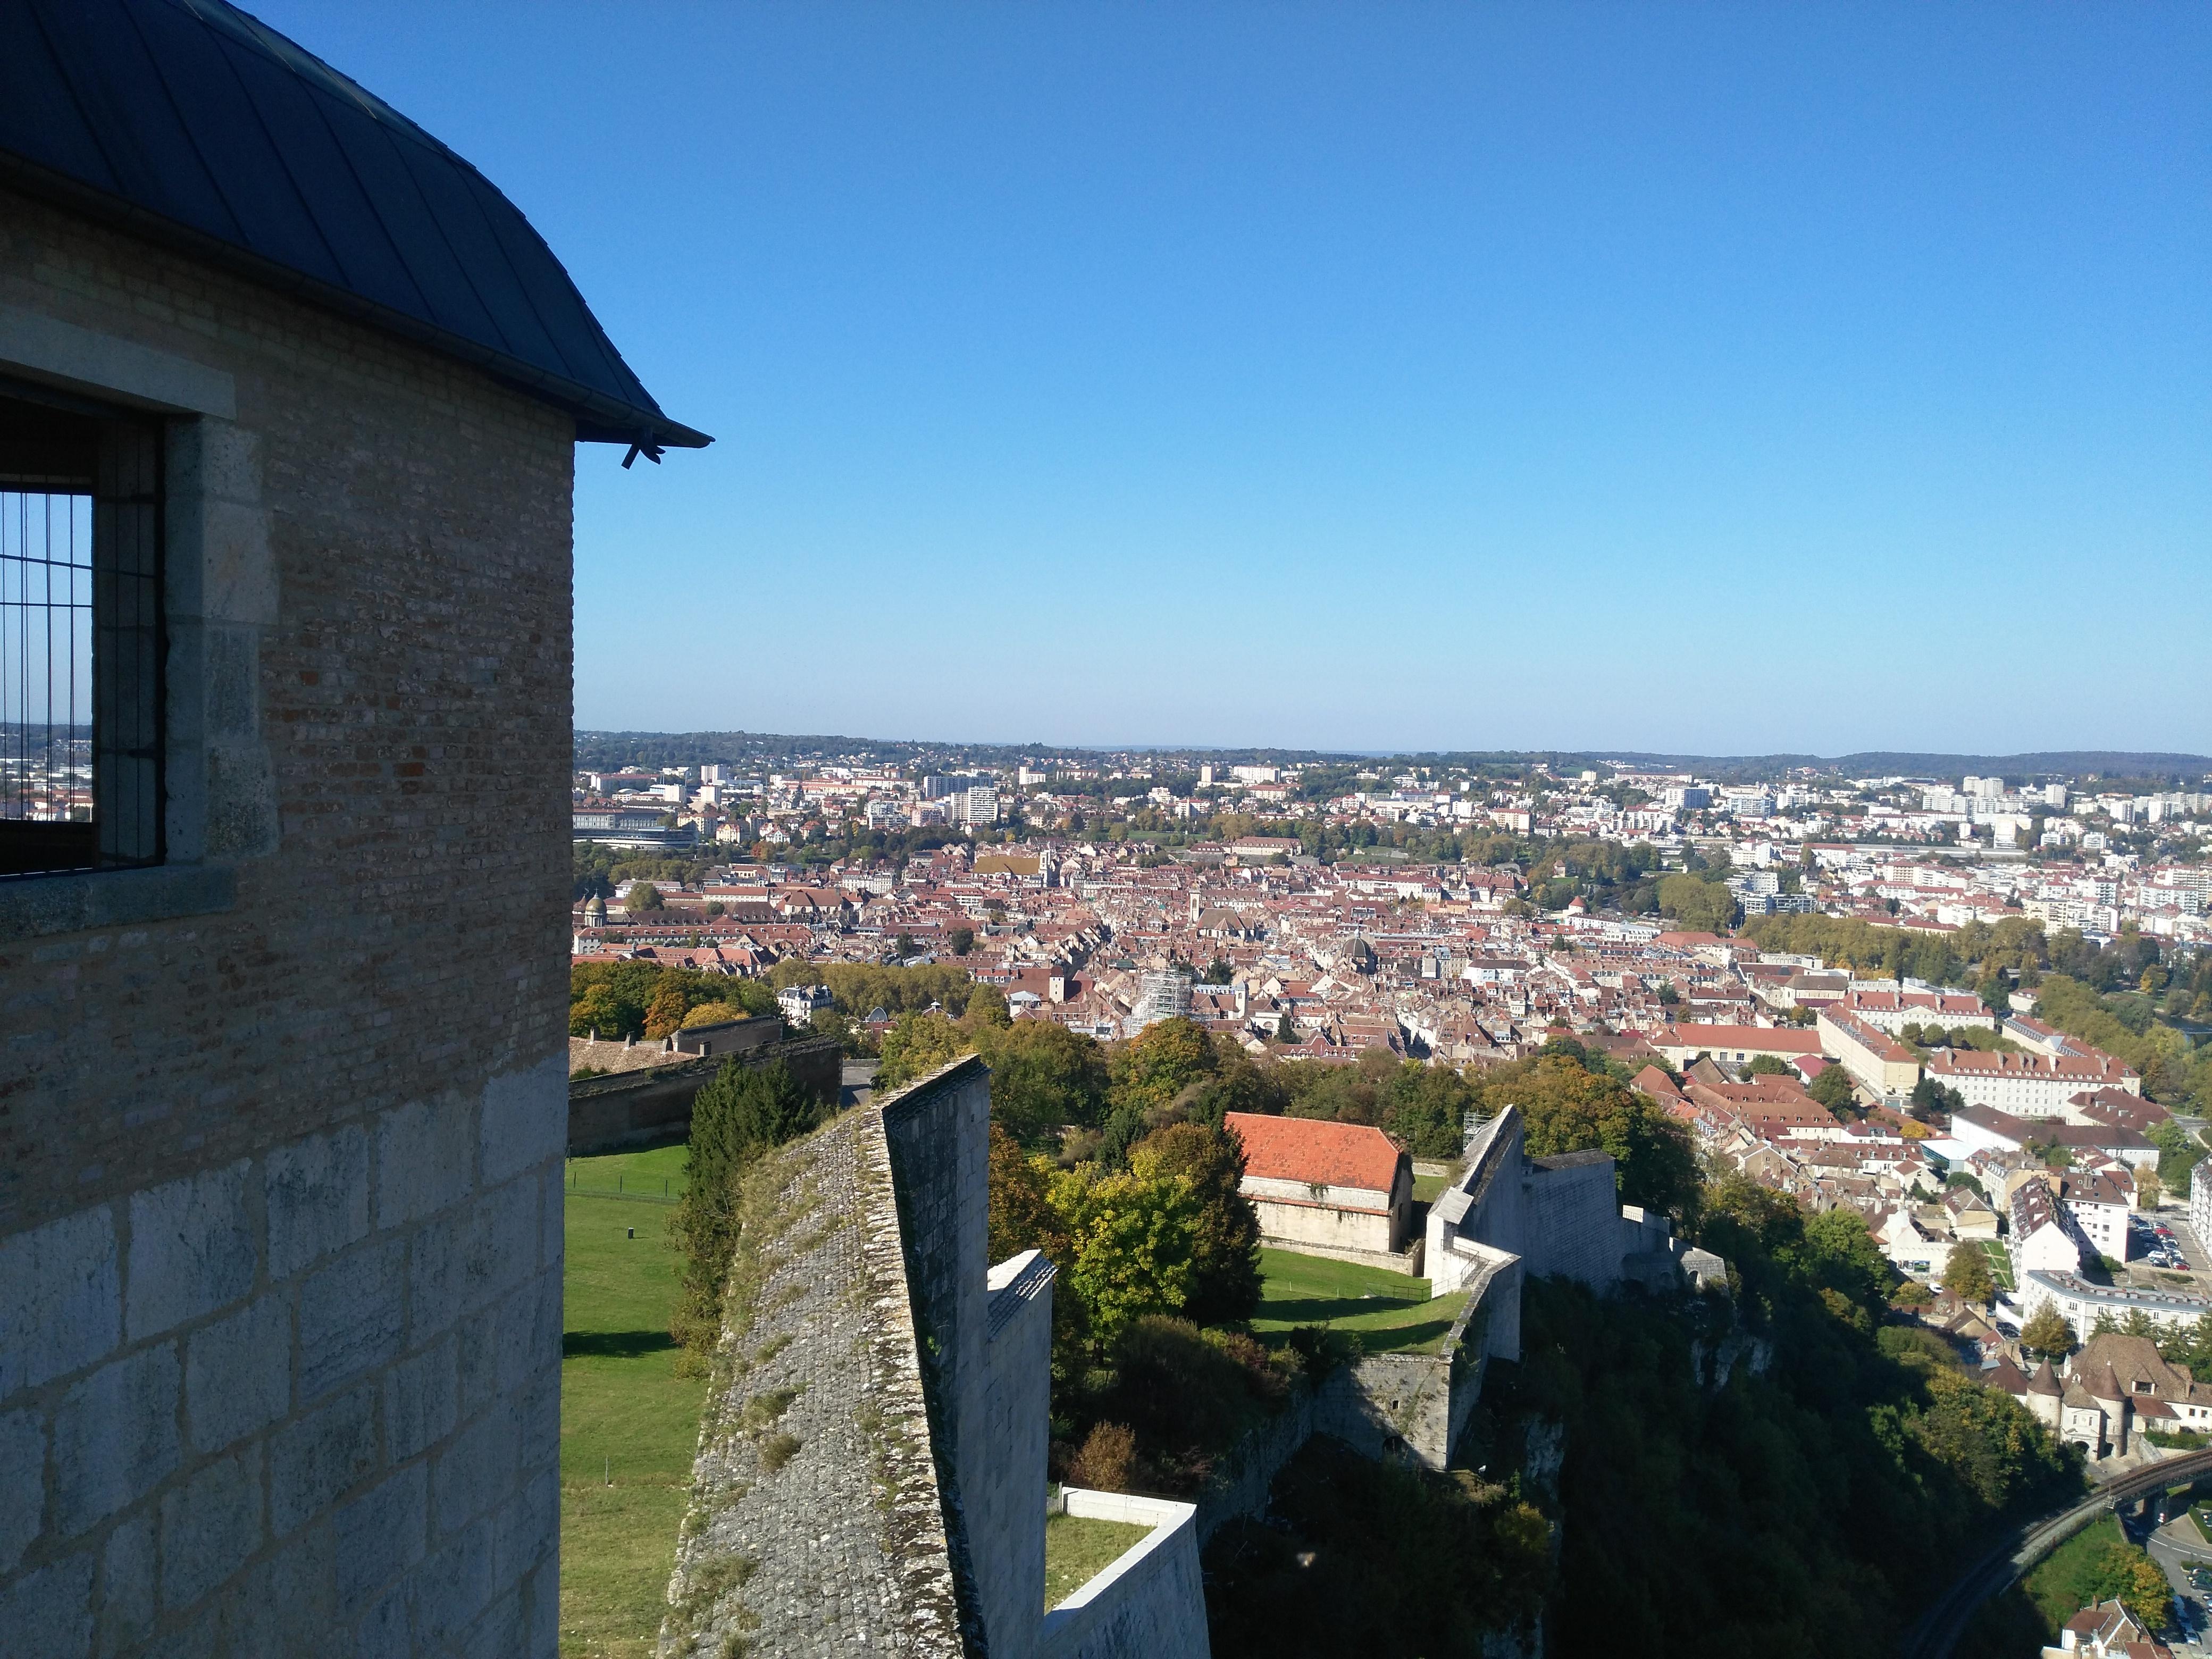 Besançon, foto di Marta Mancini